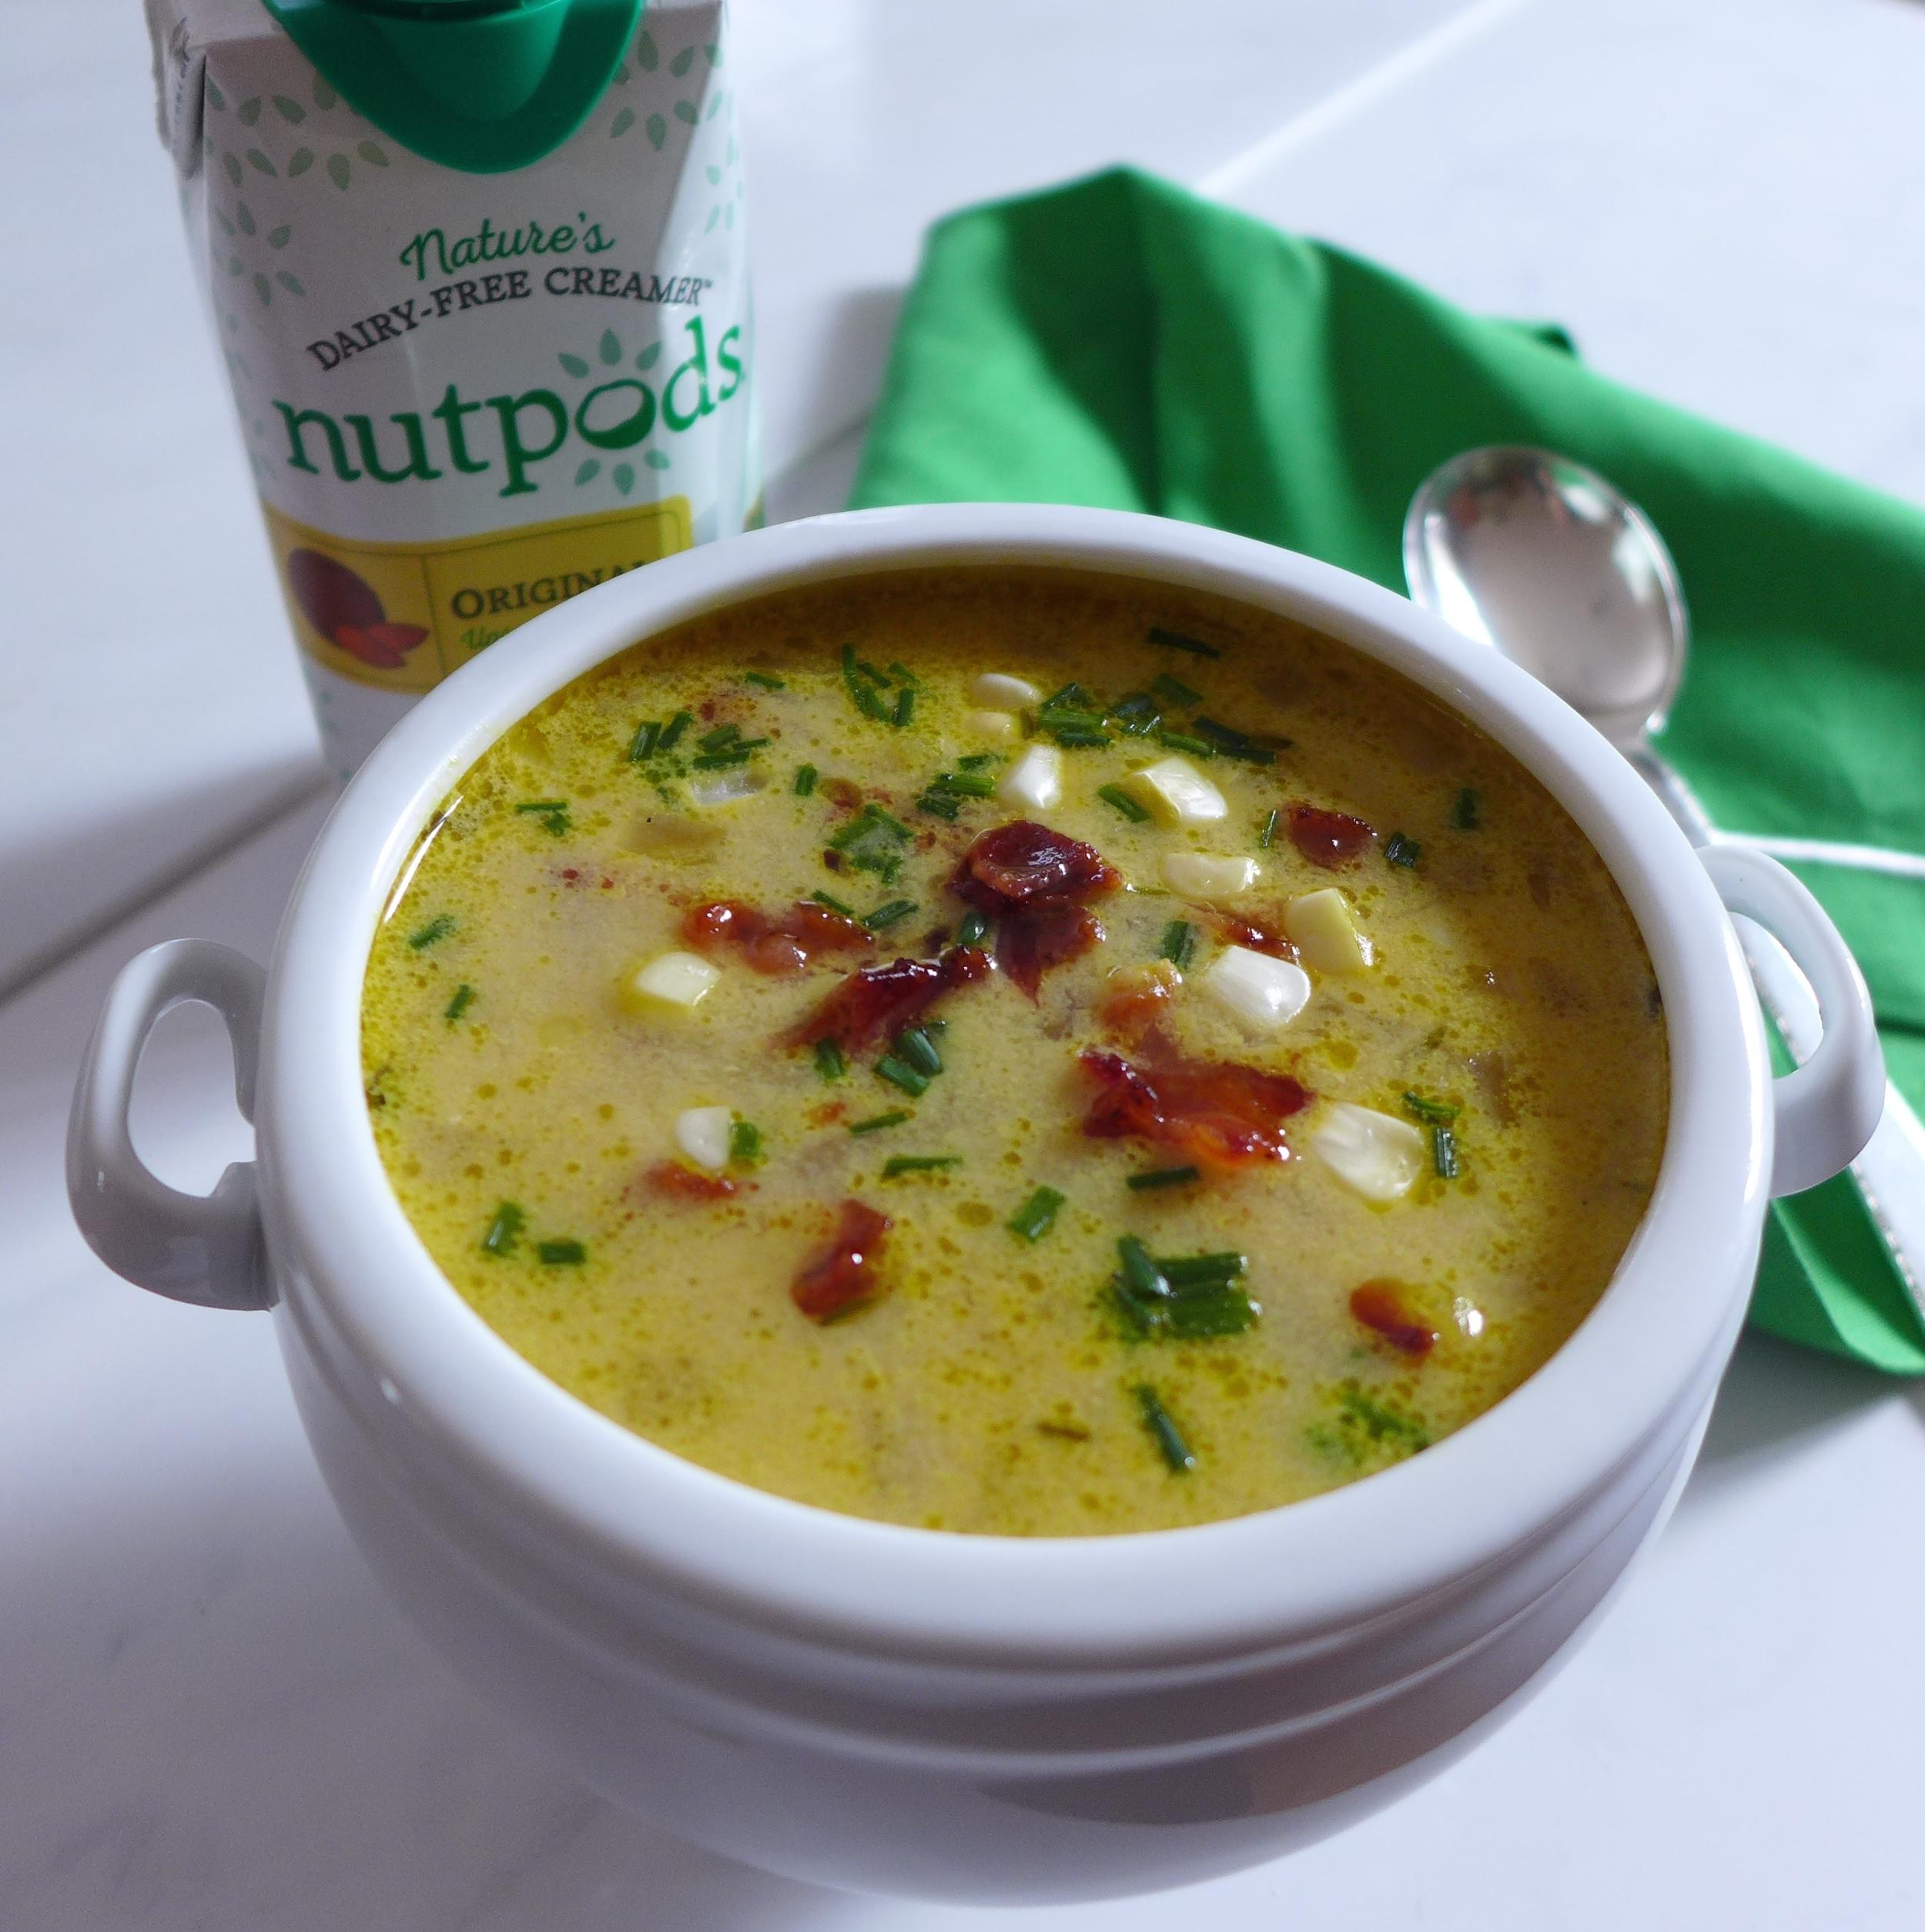 Corn Chowder with Nutpods Dairy-Free Creamer, Gluten-Free